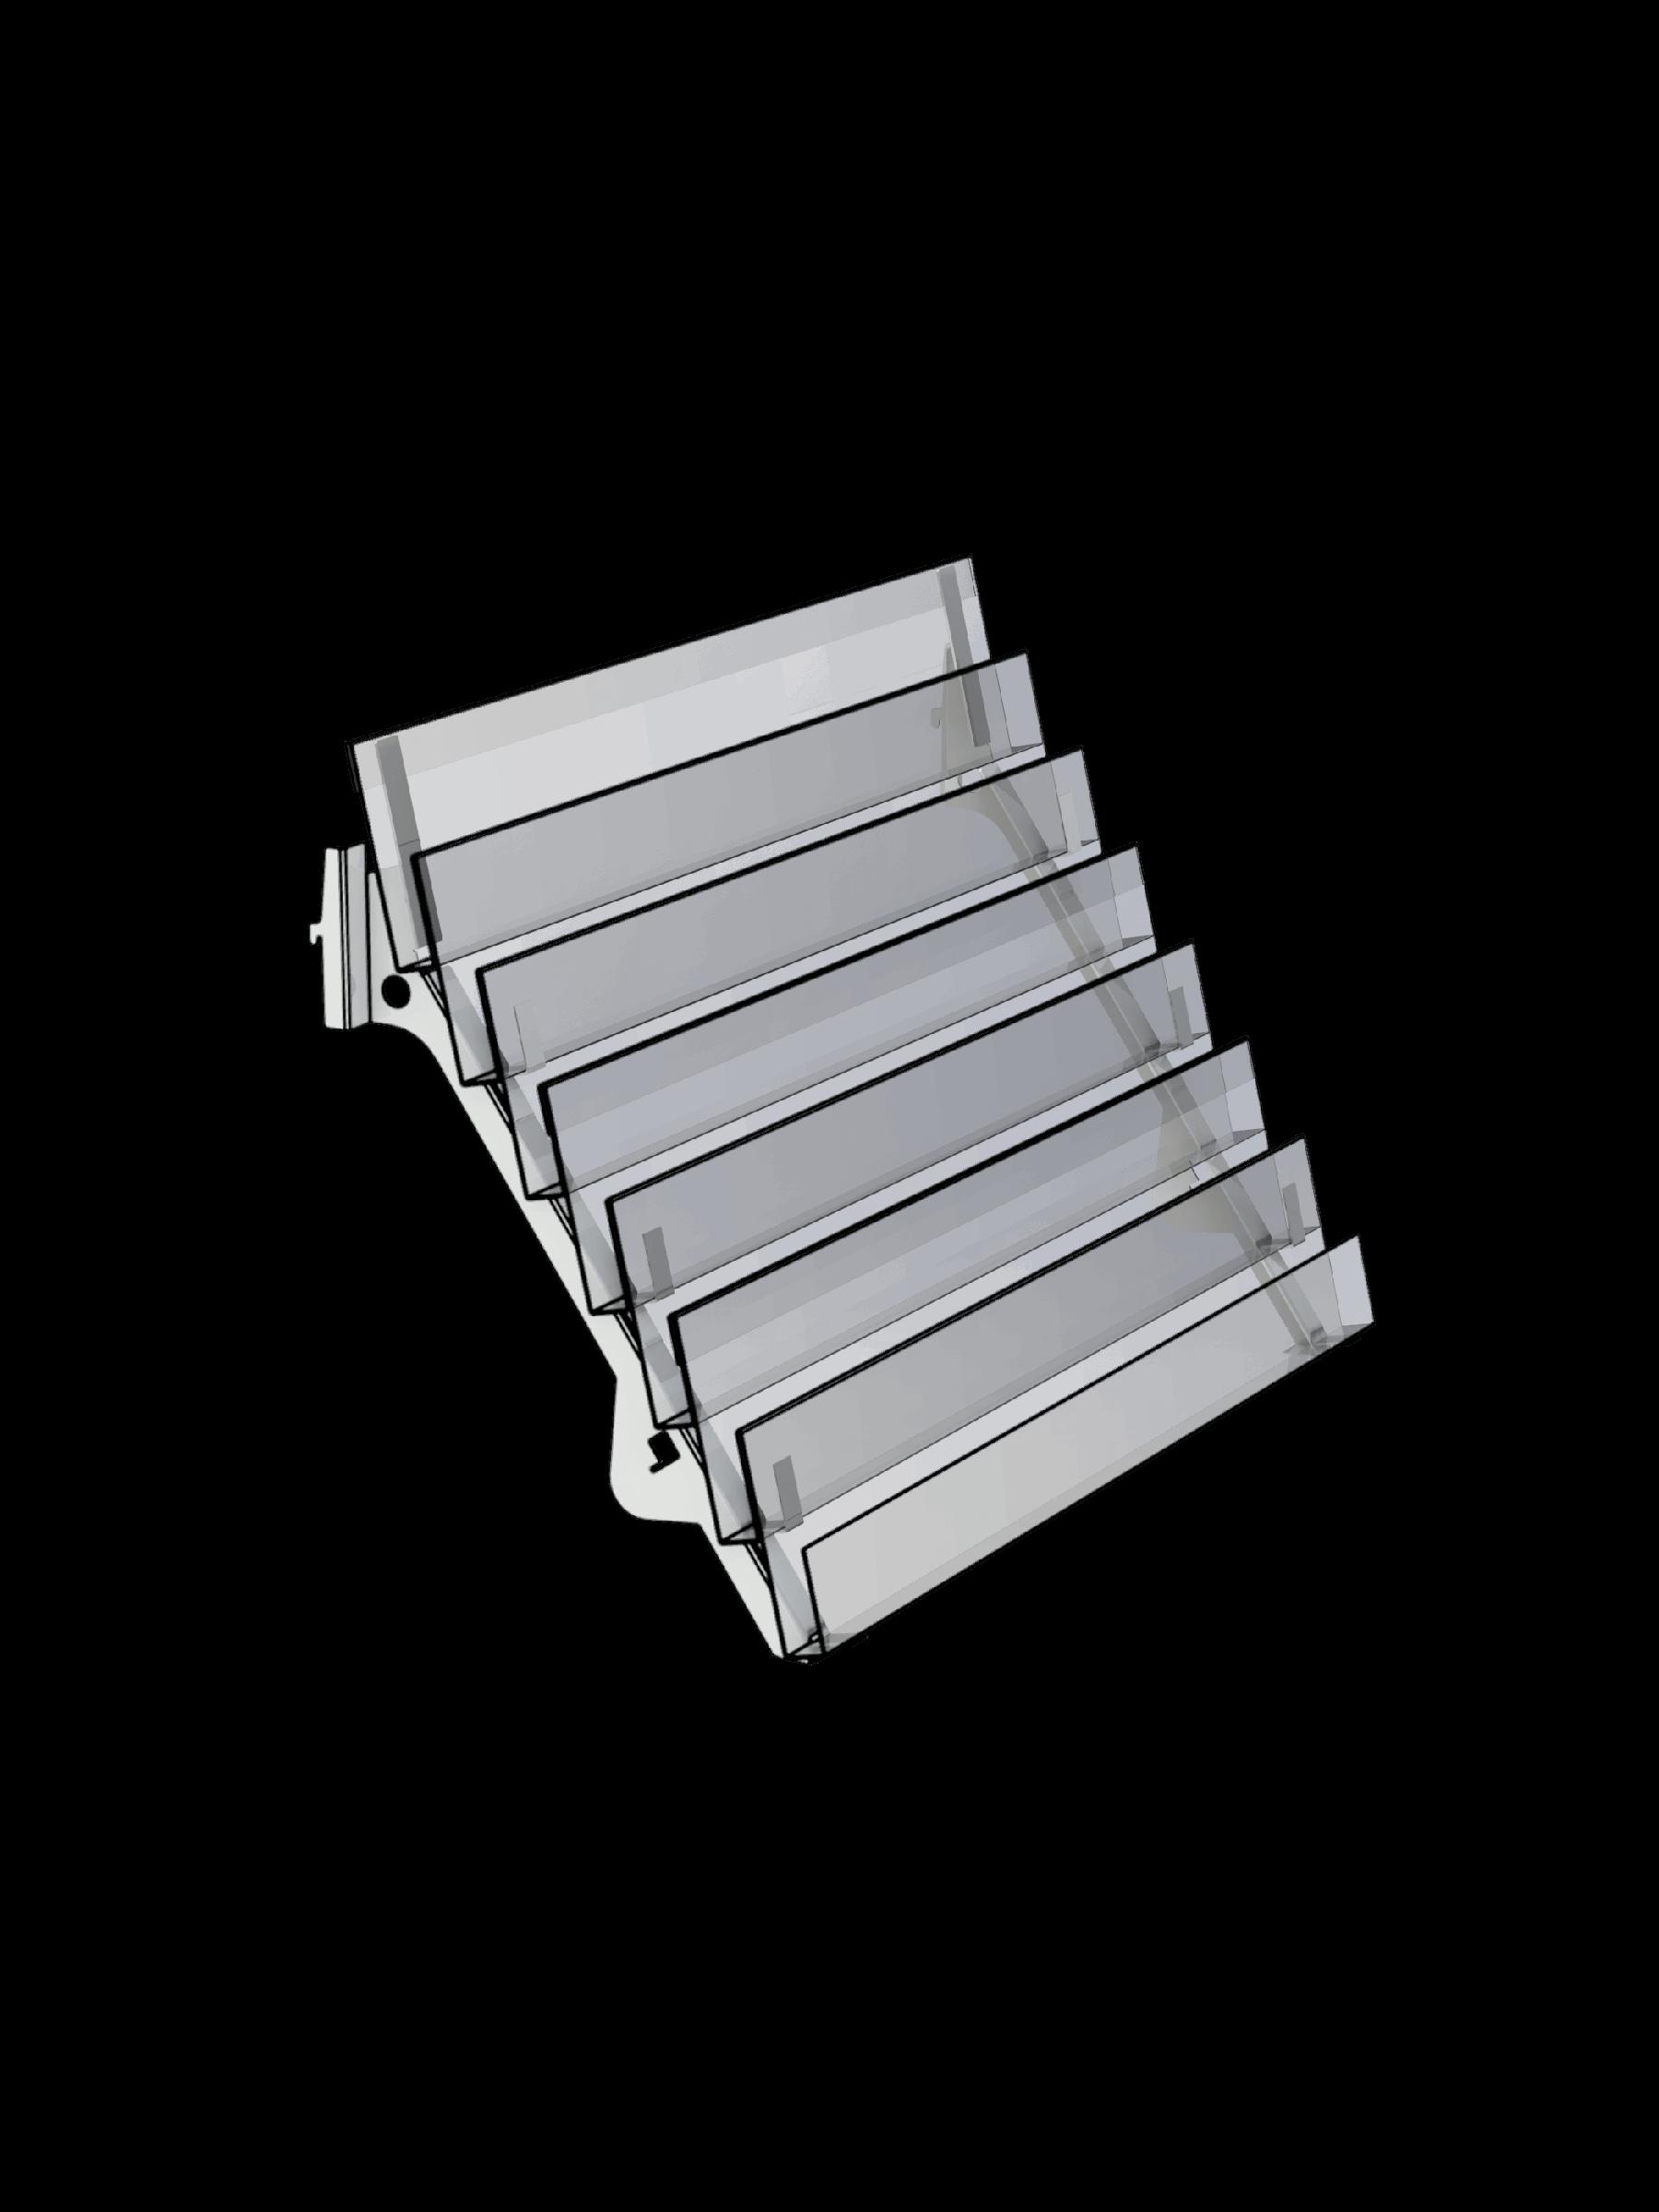 Bartuf 7 tier magazine shelf (A031075)